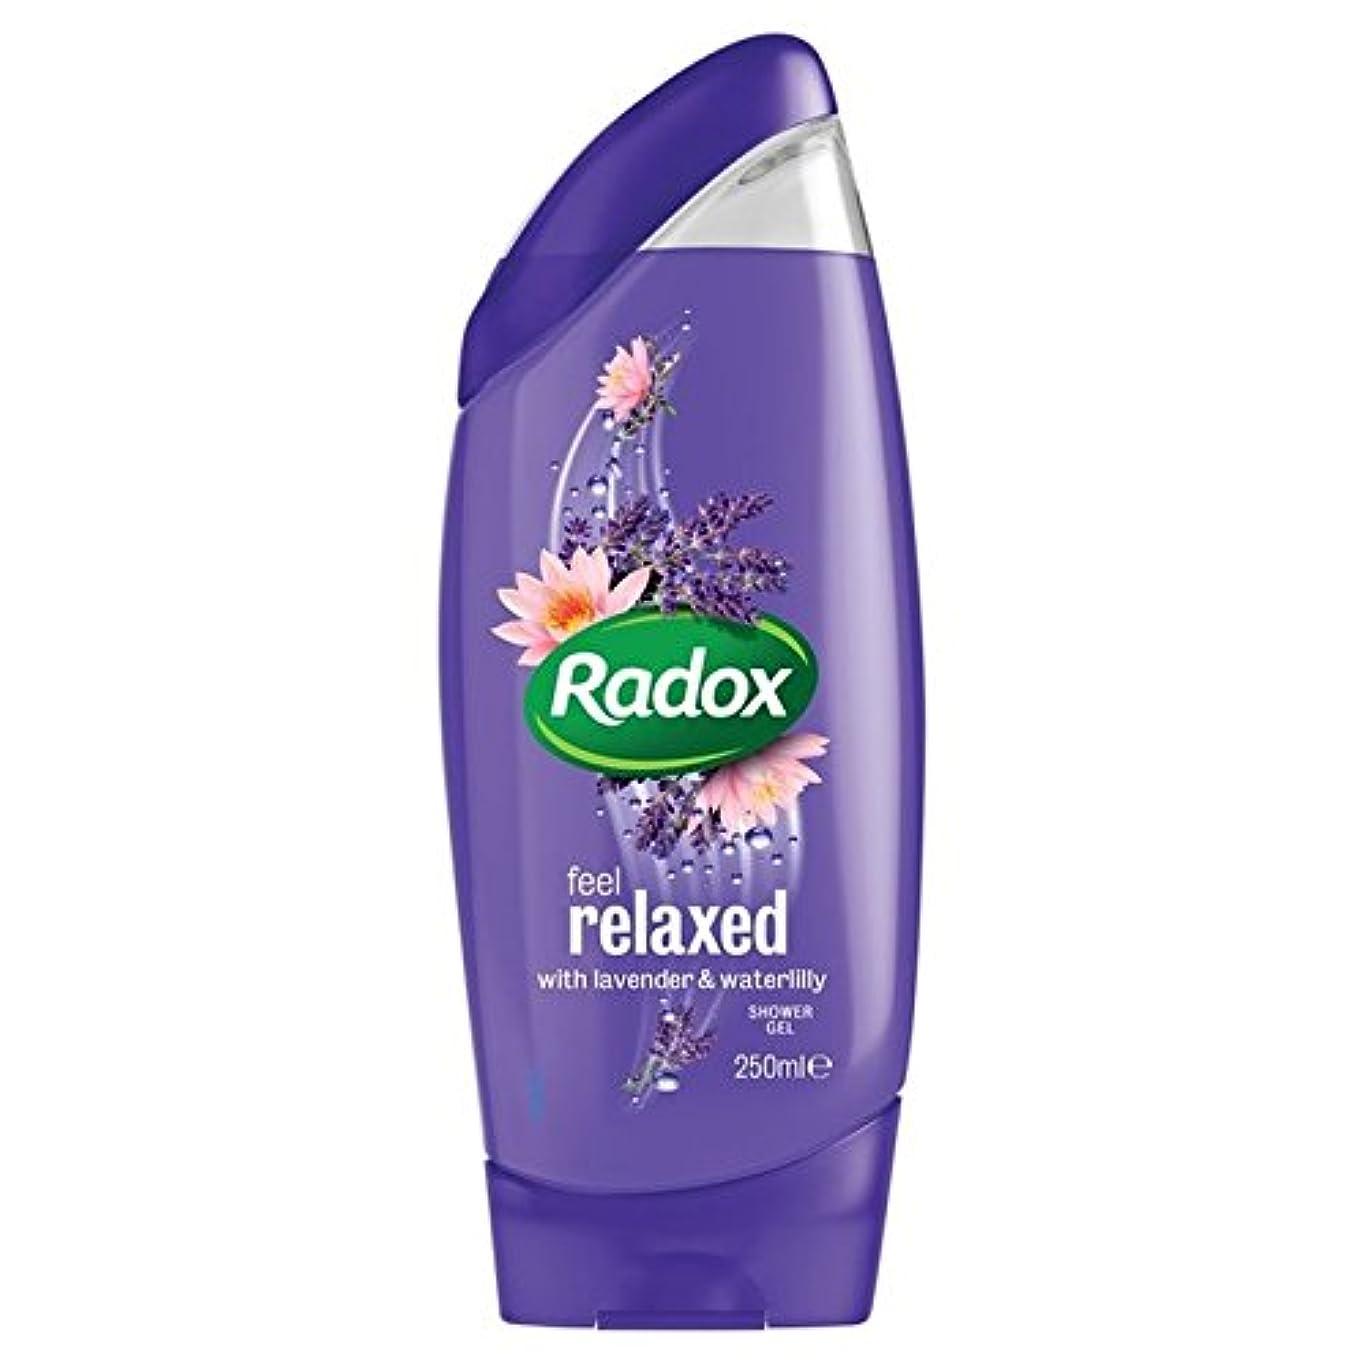 一時解雇する恒久的純粋なはリラックスシャワージェル250ミリリットルを感じます x4 - Radox Feel Relaxed Shower Gel 250ml (Pack of 4) [並行輸入品]